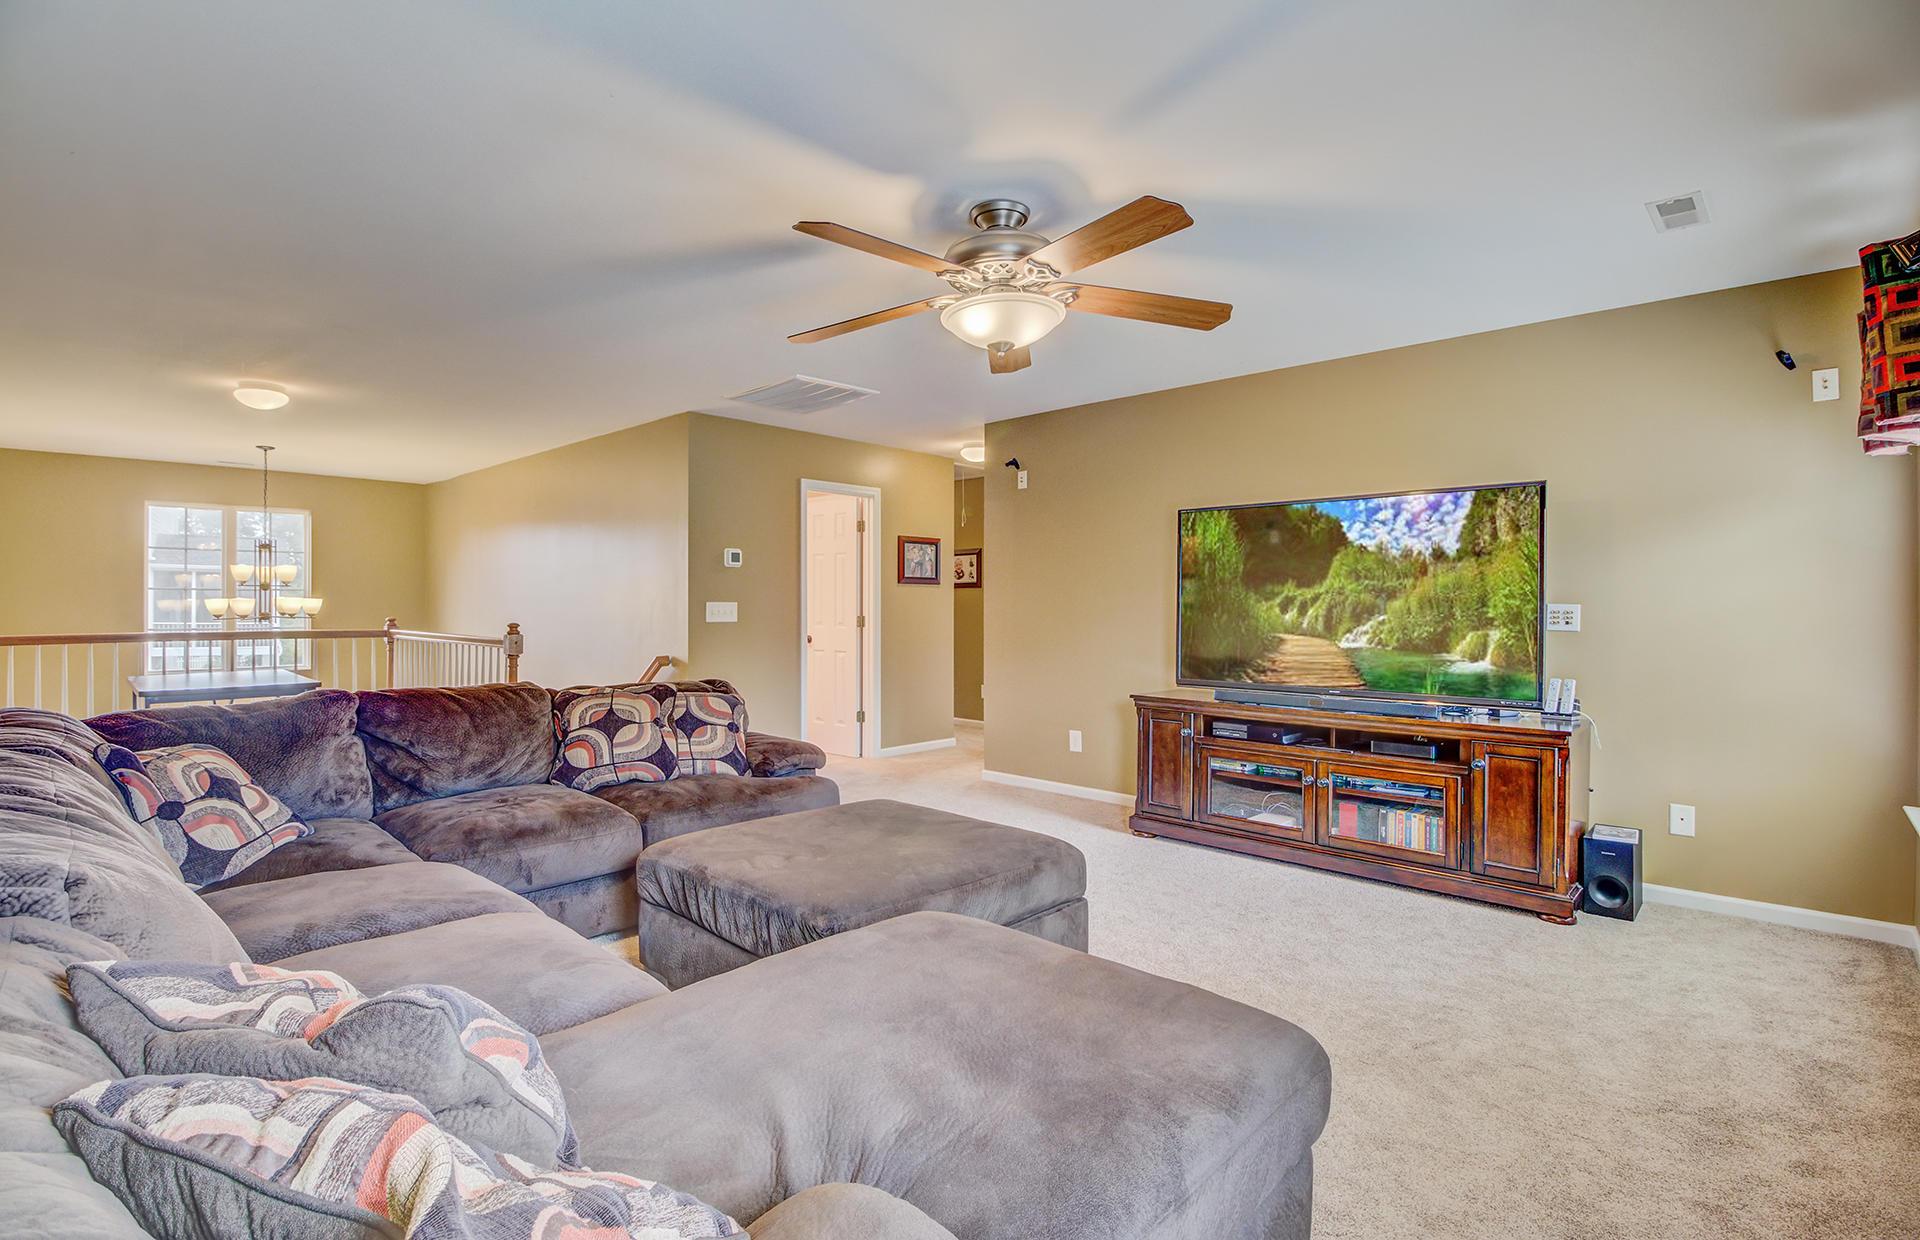 Park West Homes For Sale - 3120 Sonja, Mount Pleasant, SC - 12